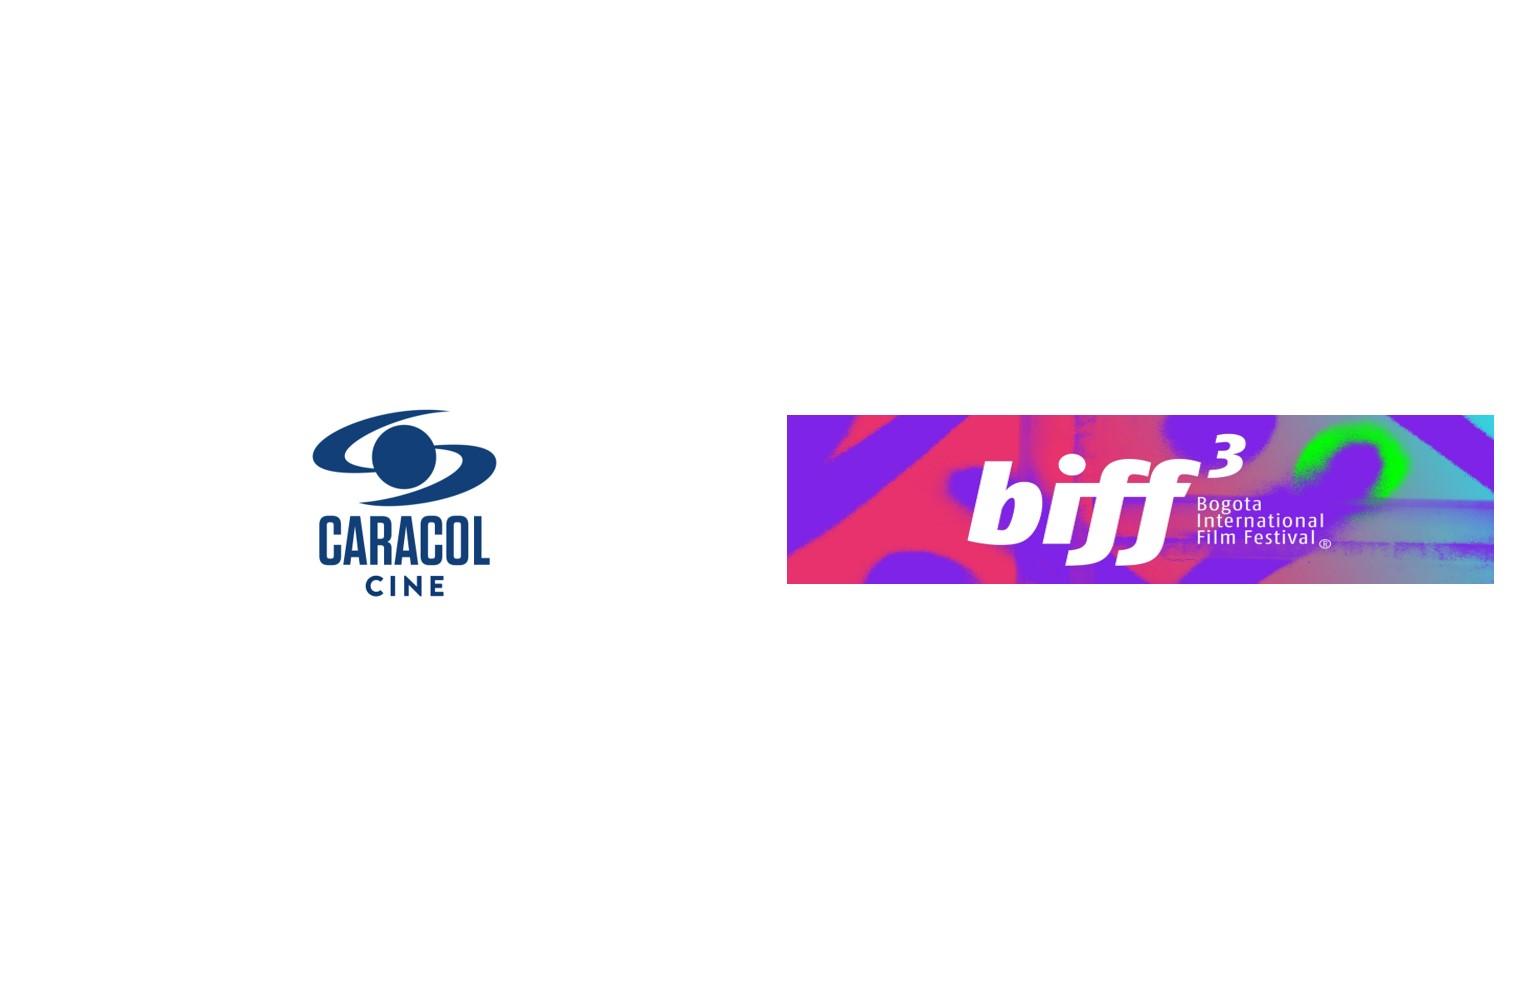 Inicia la tercera edición del BIFF con el apoyo de Caracol Cine